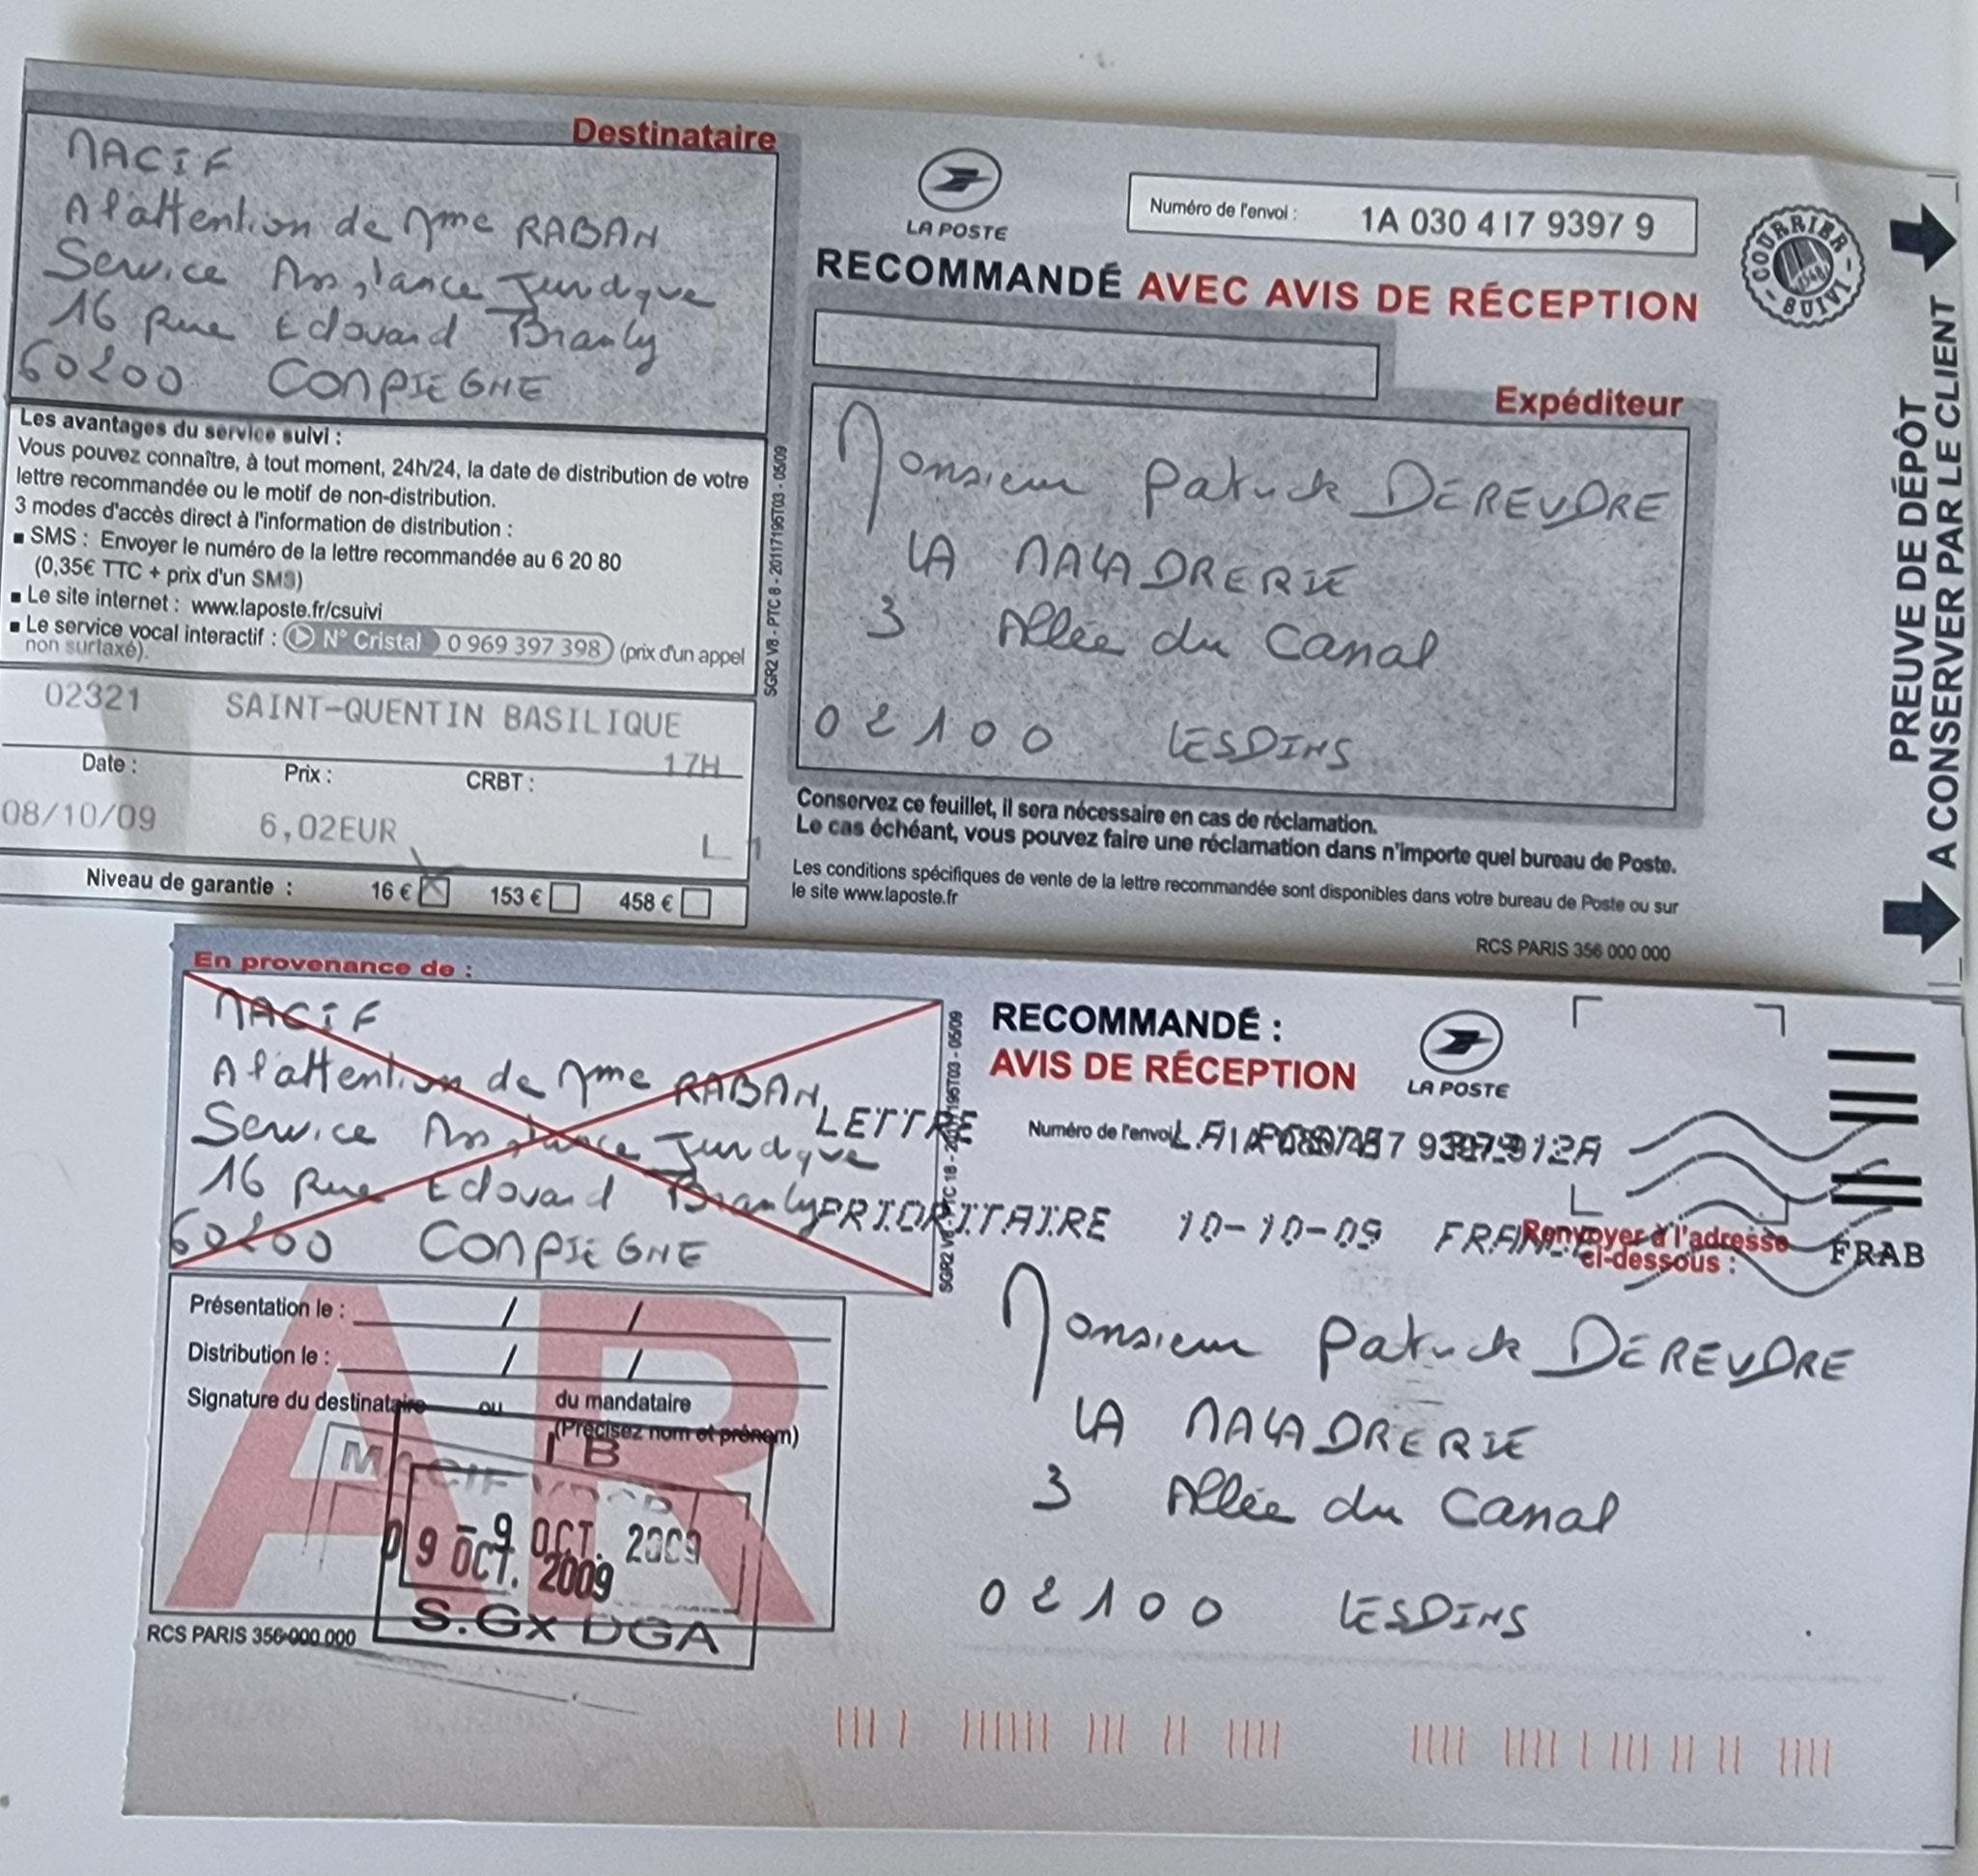 Le 08 Octobre 2009 j'adresse une LRAR à la MACIF.     INACCEPTABLE  BORDERLINE      EXPERTISES JUDICIAIRES ENTRE COPAINS... www.jesuispatrick.fr www.jesuisvictime.fr